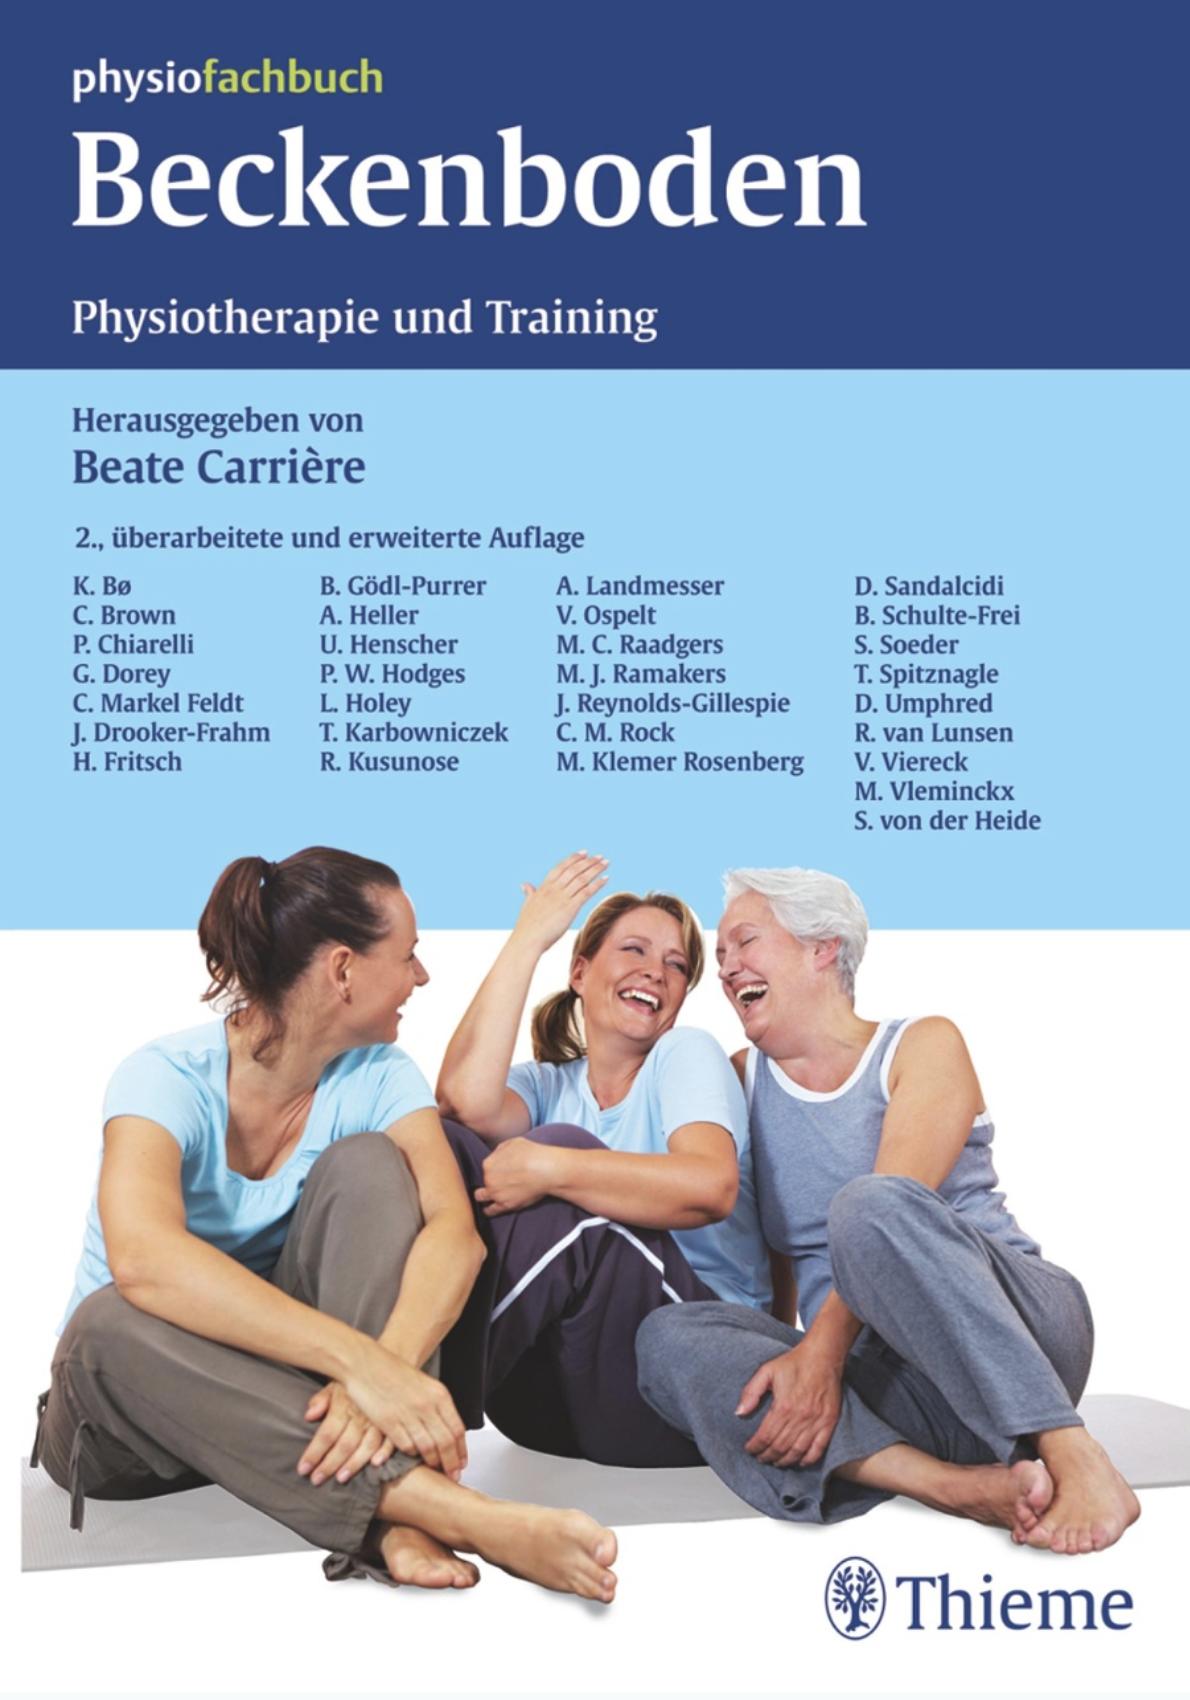 Beckenboden (Pelvic Floor) Textbook